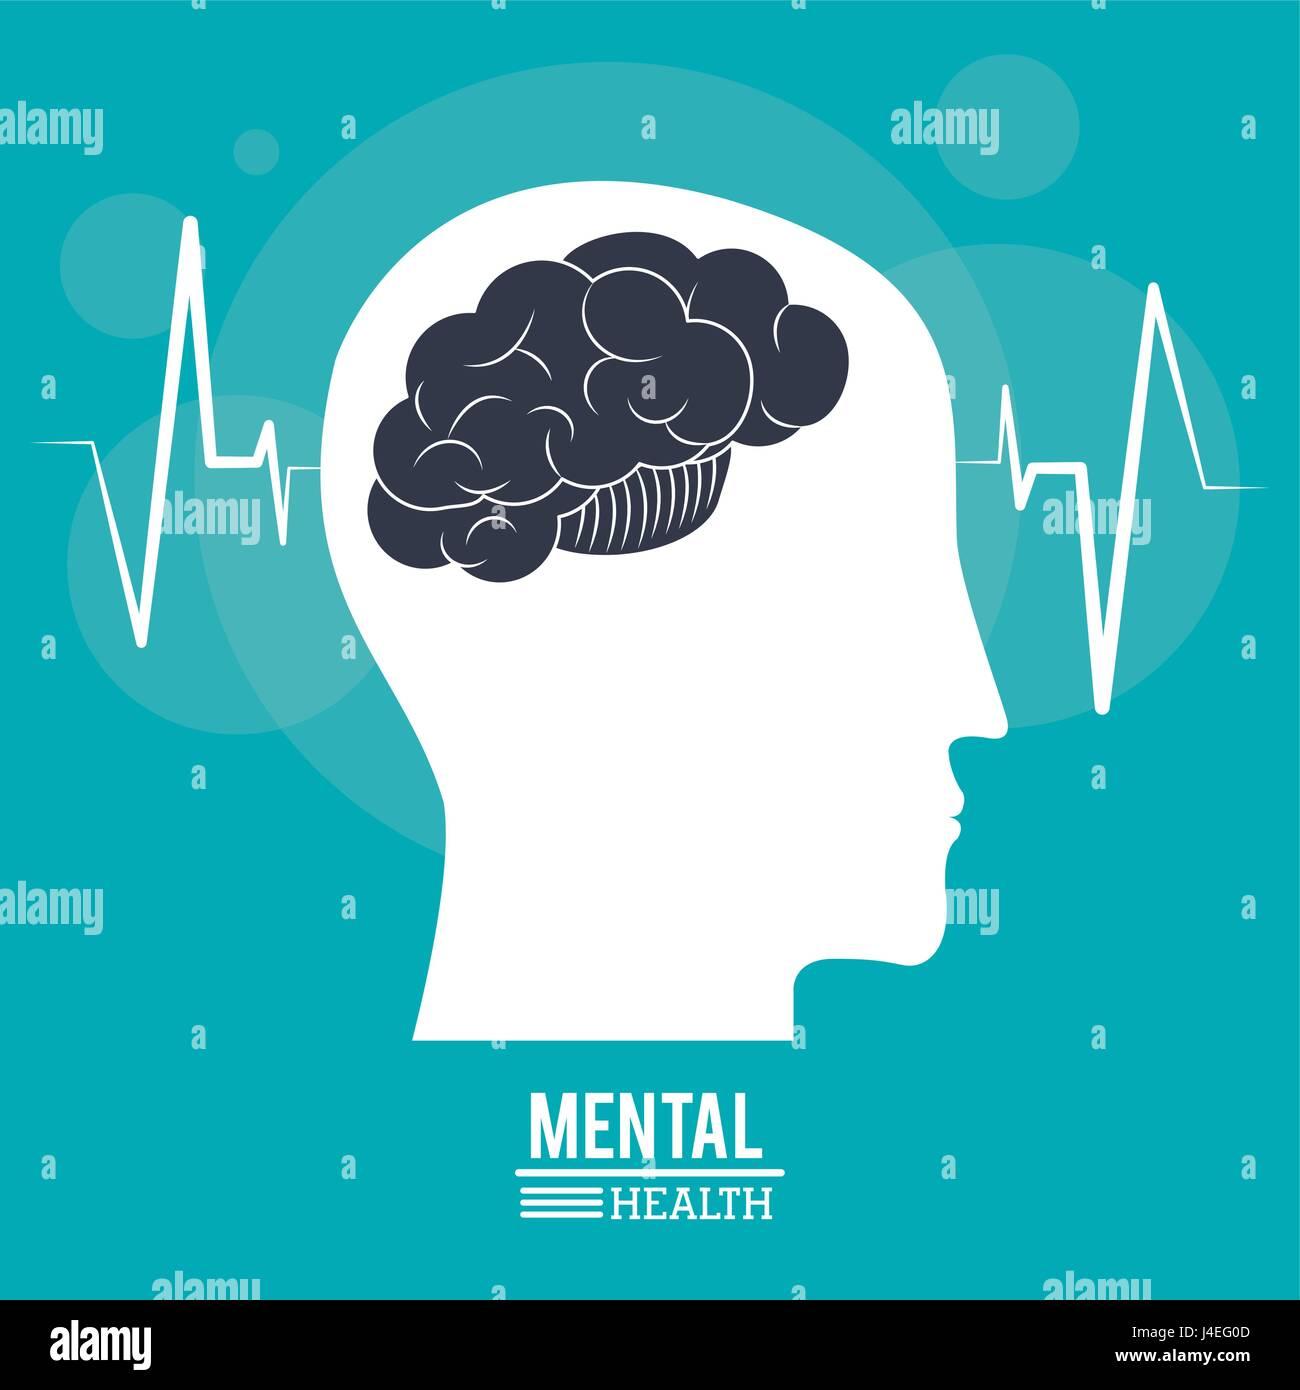 Cerebro Humano Cabeza de perfil, diseño de salud mental Imagen De Stock